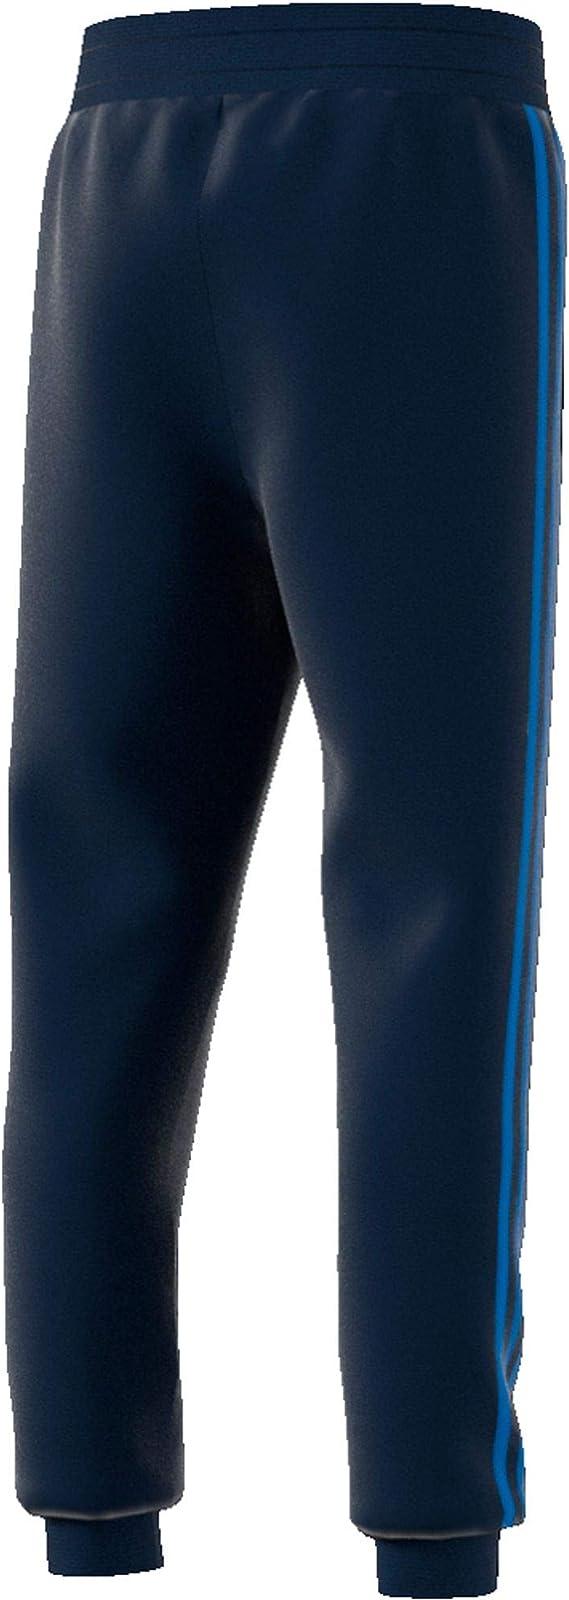 adidas Pantalones para Nino Azul EJ9383: Amazon.es: Deportes y ...